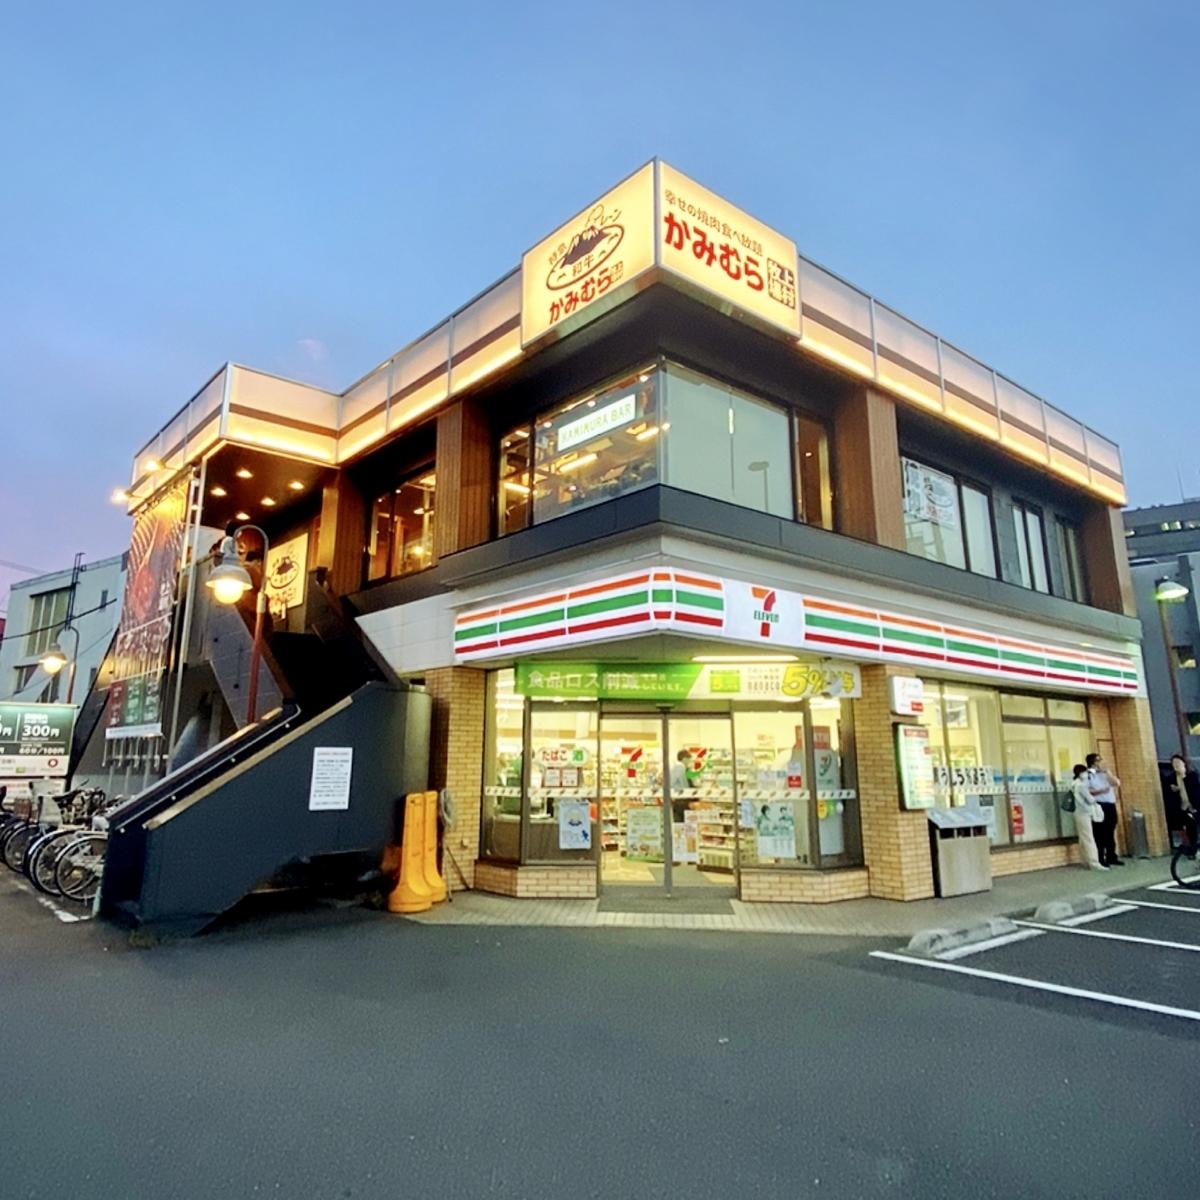 「幸せの焼肉食べ放題 上村牧場 京急蒲田第一京浜側道店」は一人焼肉から家族で焼肉など多岐に渡って利用できる焼肉屋♪